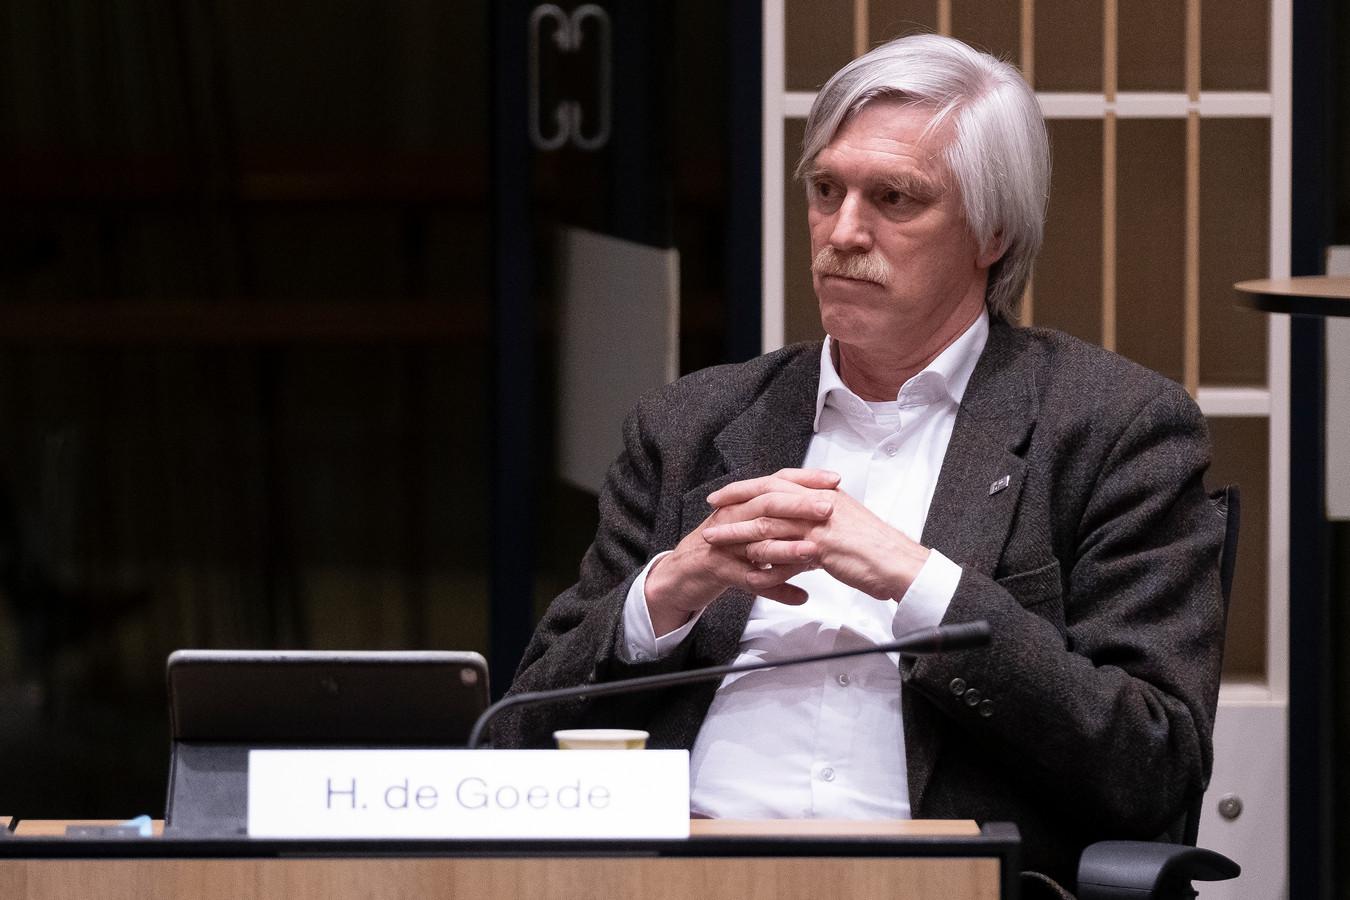 Hans de Goede tijdens een vergadering van het presidium. De gemeente rijdt een scheve schaats, waarschuwt hij.